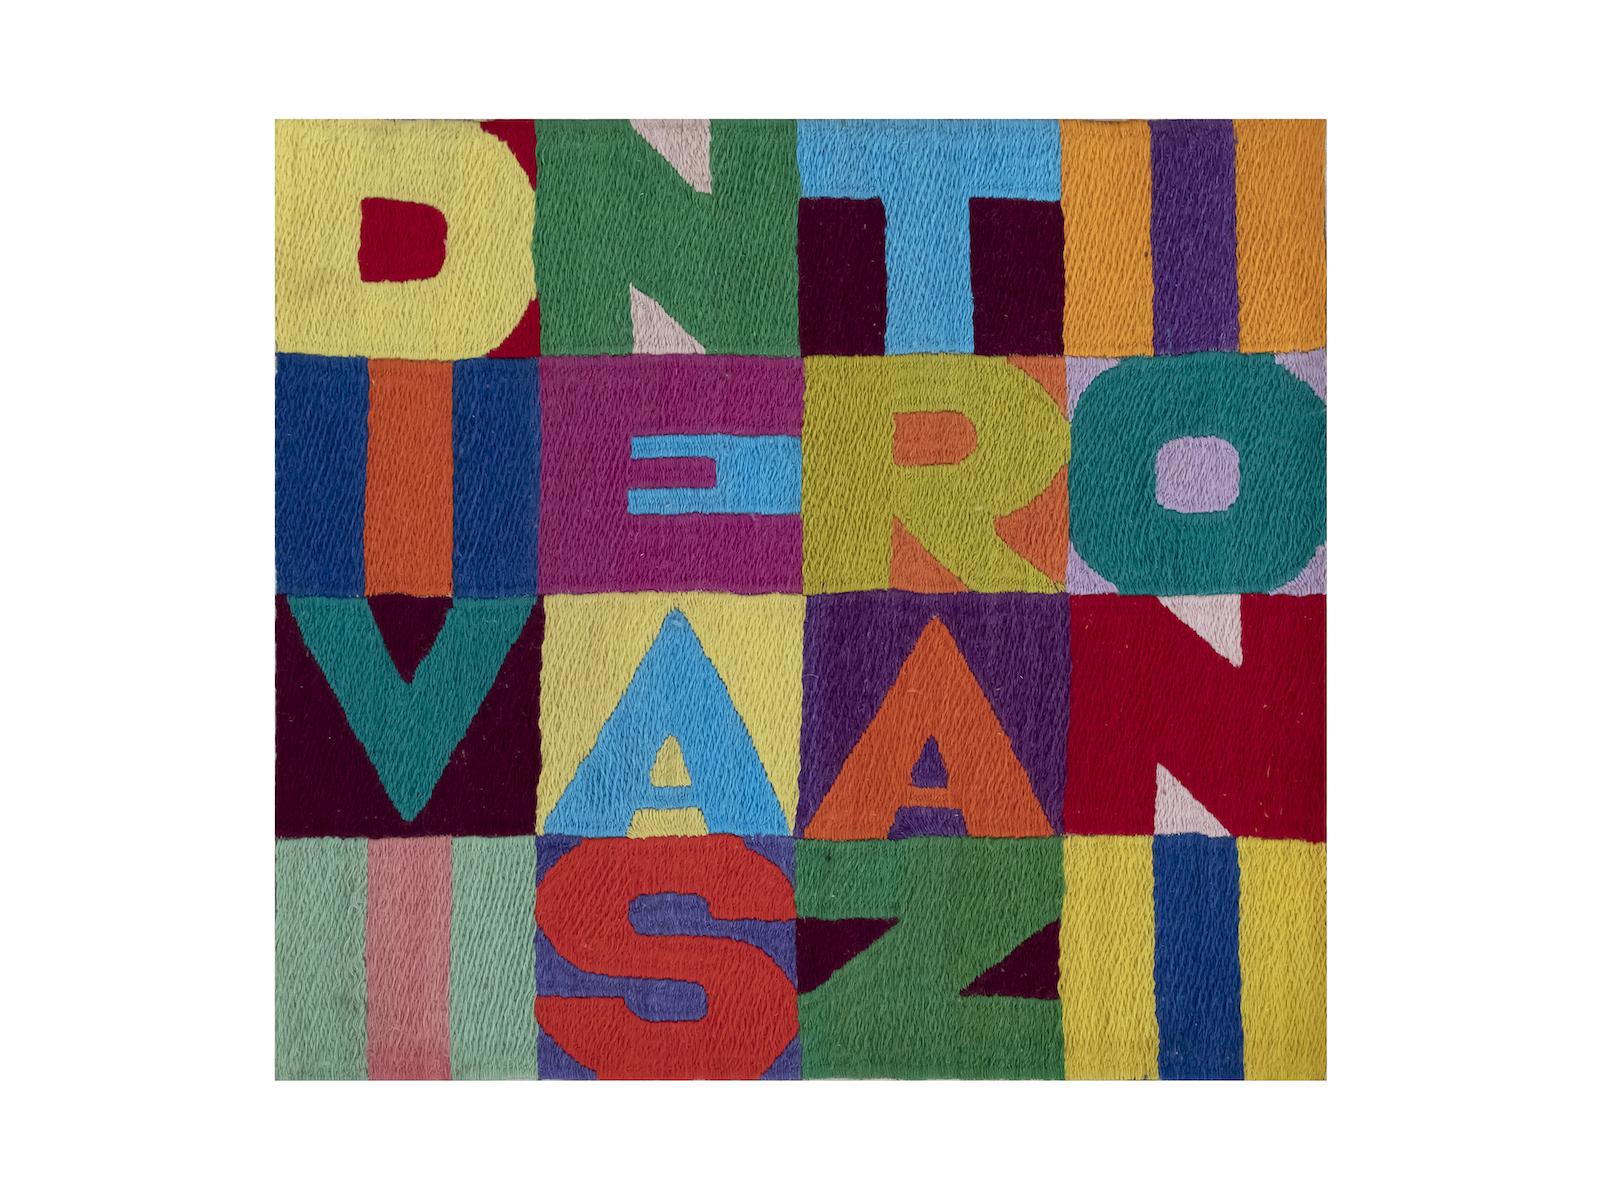 Alighiero Boetti, Divine astrazioni, 1990, cm 23x24